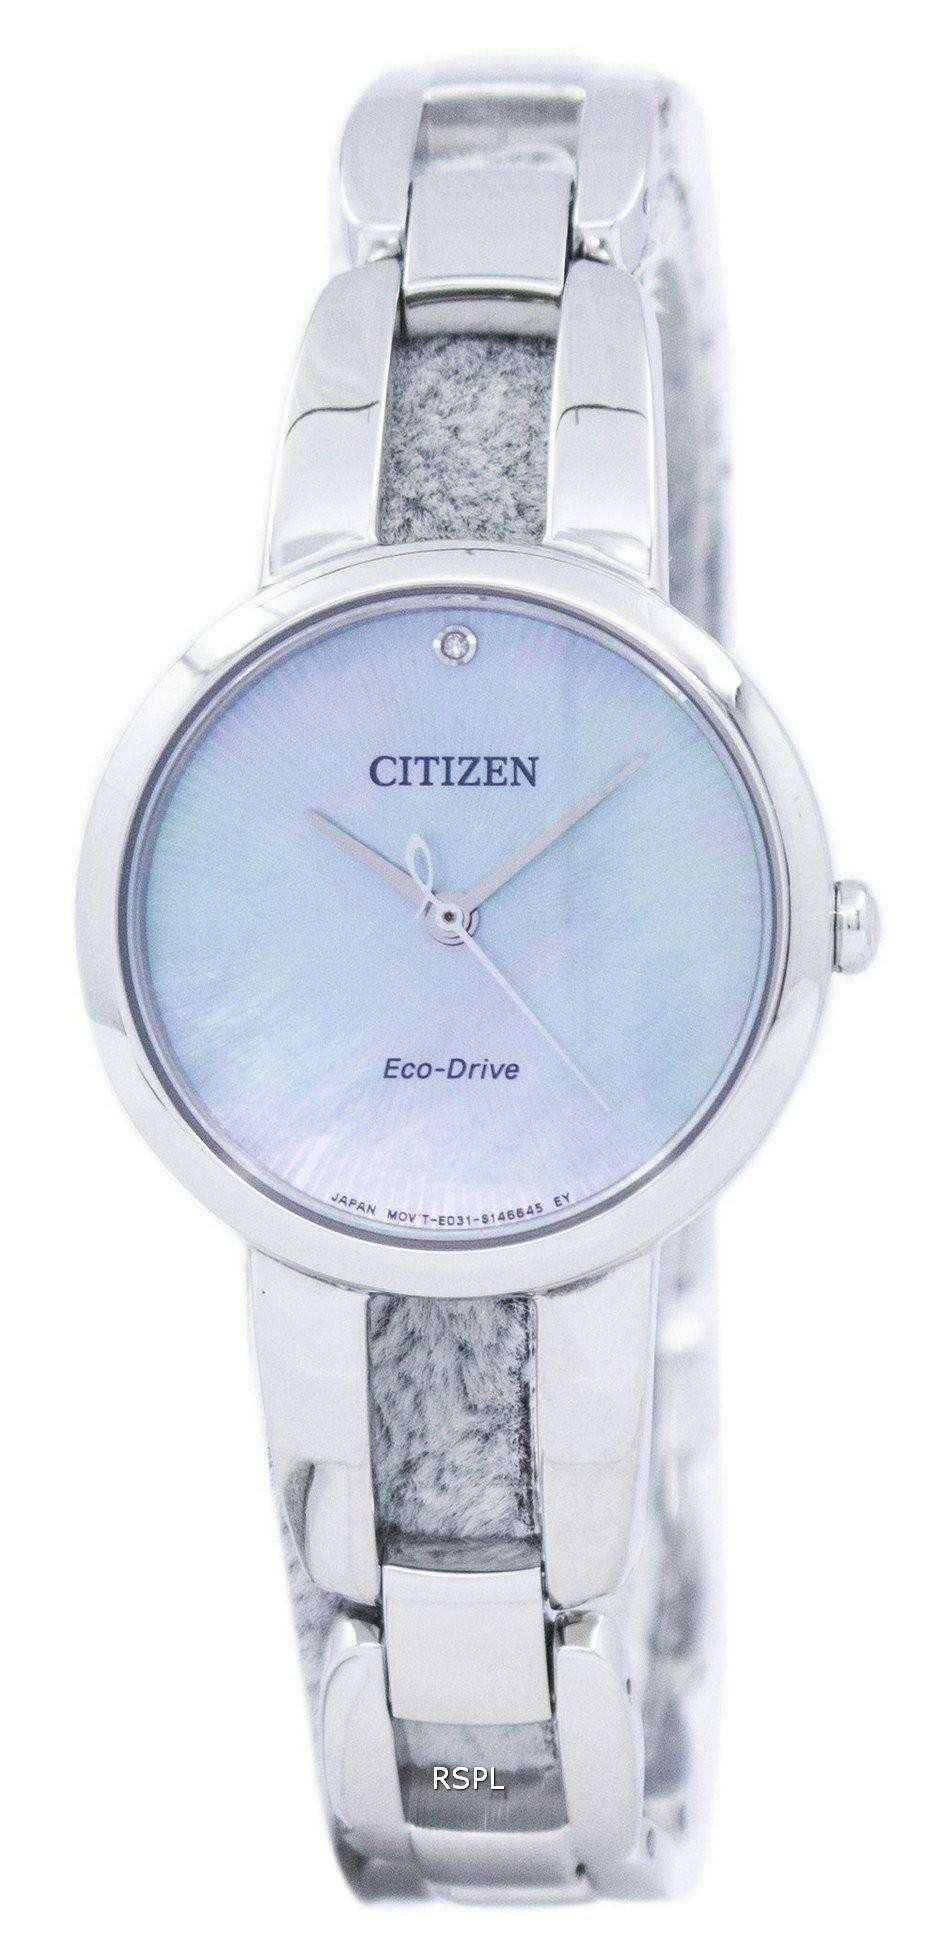 市民エコ ・ ドライブ EM0430 85N レディース腕時計